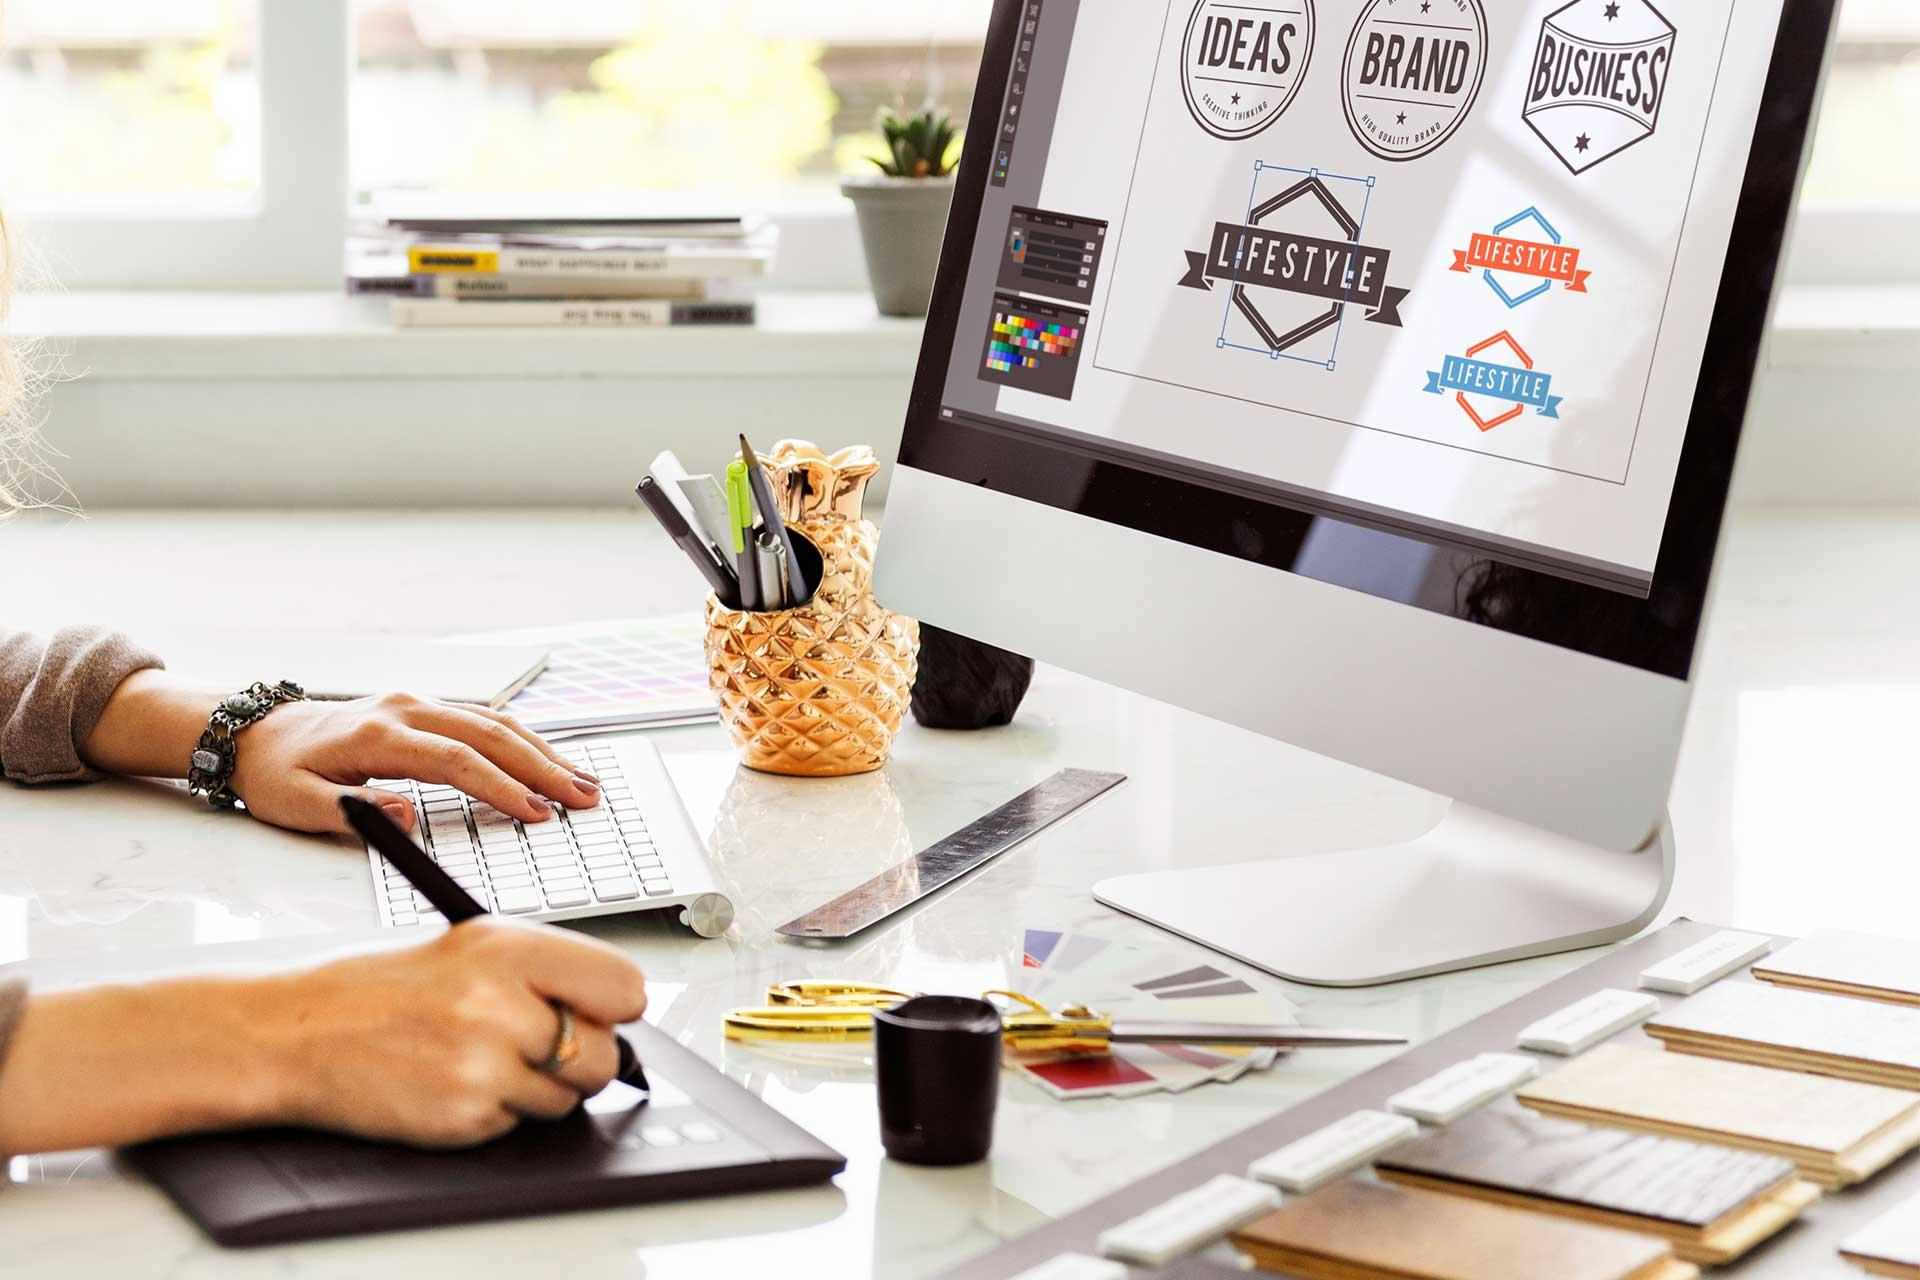 Marketing Digital Agencia Digital, Diseño de logotipo, diseno_de_logotipo_1_slider